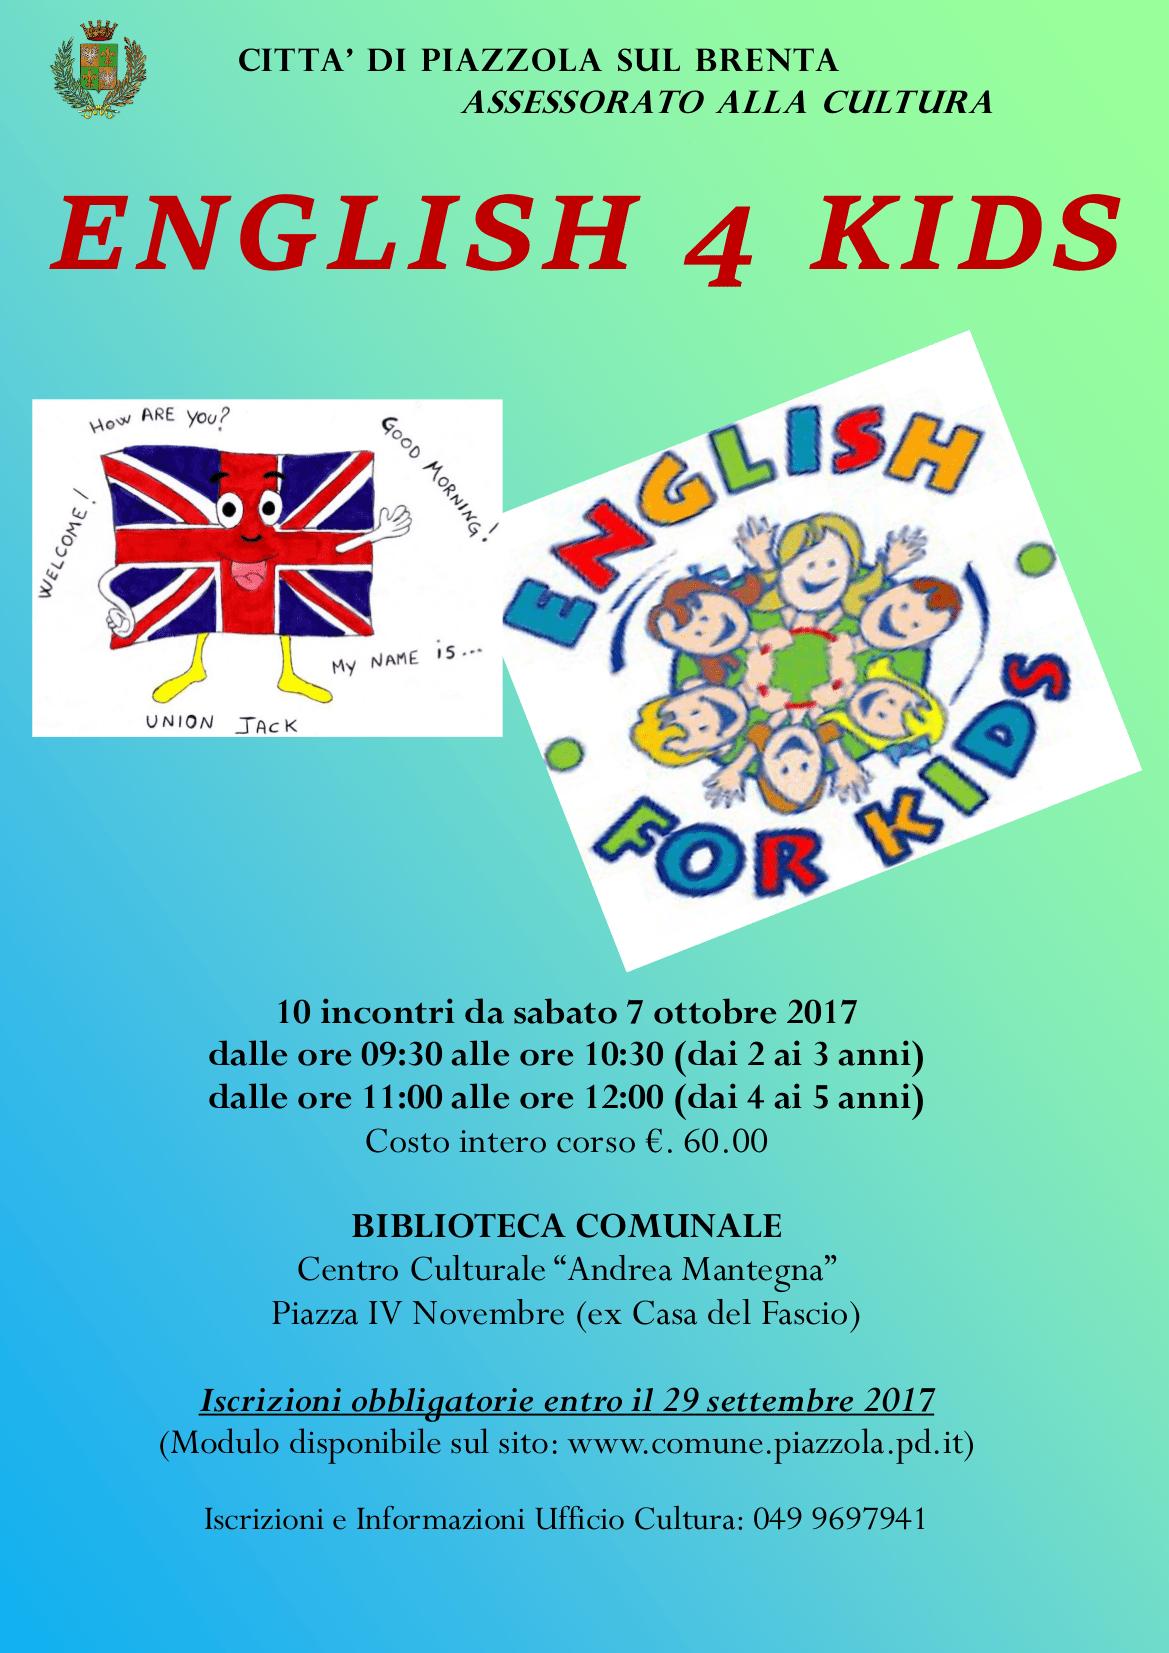 Inglese per bambini propiazzola for Fiera piazzola sul brenta 2017